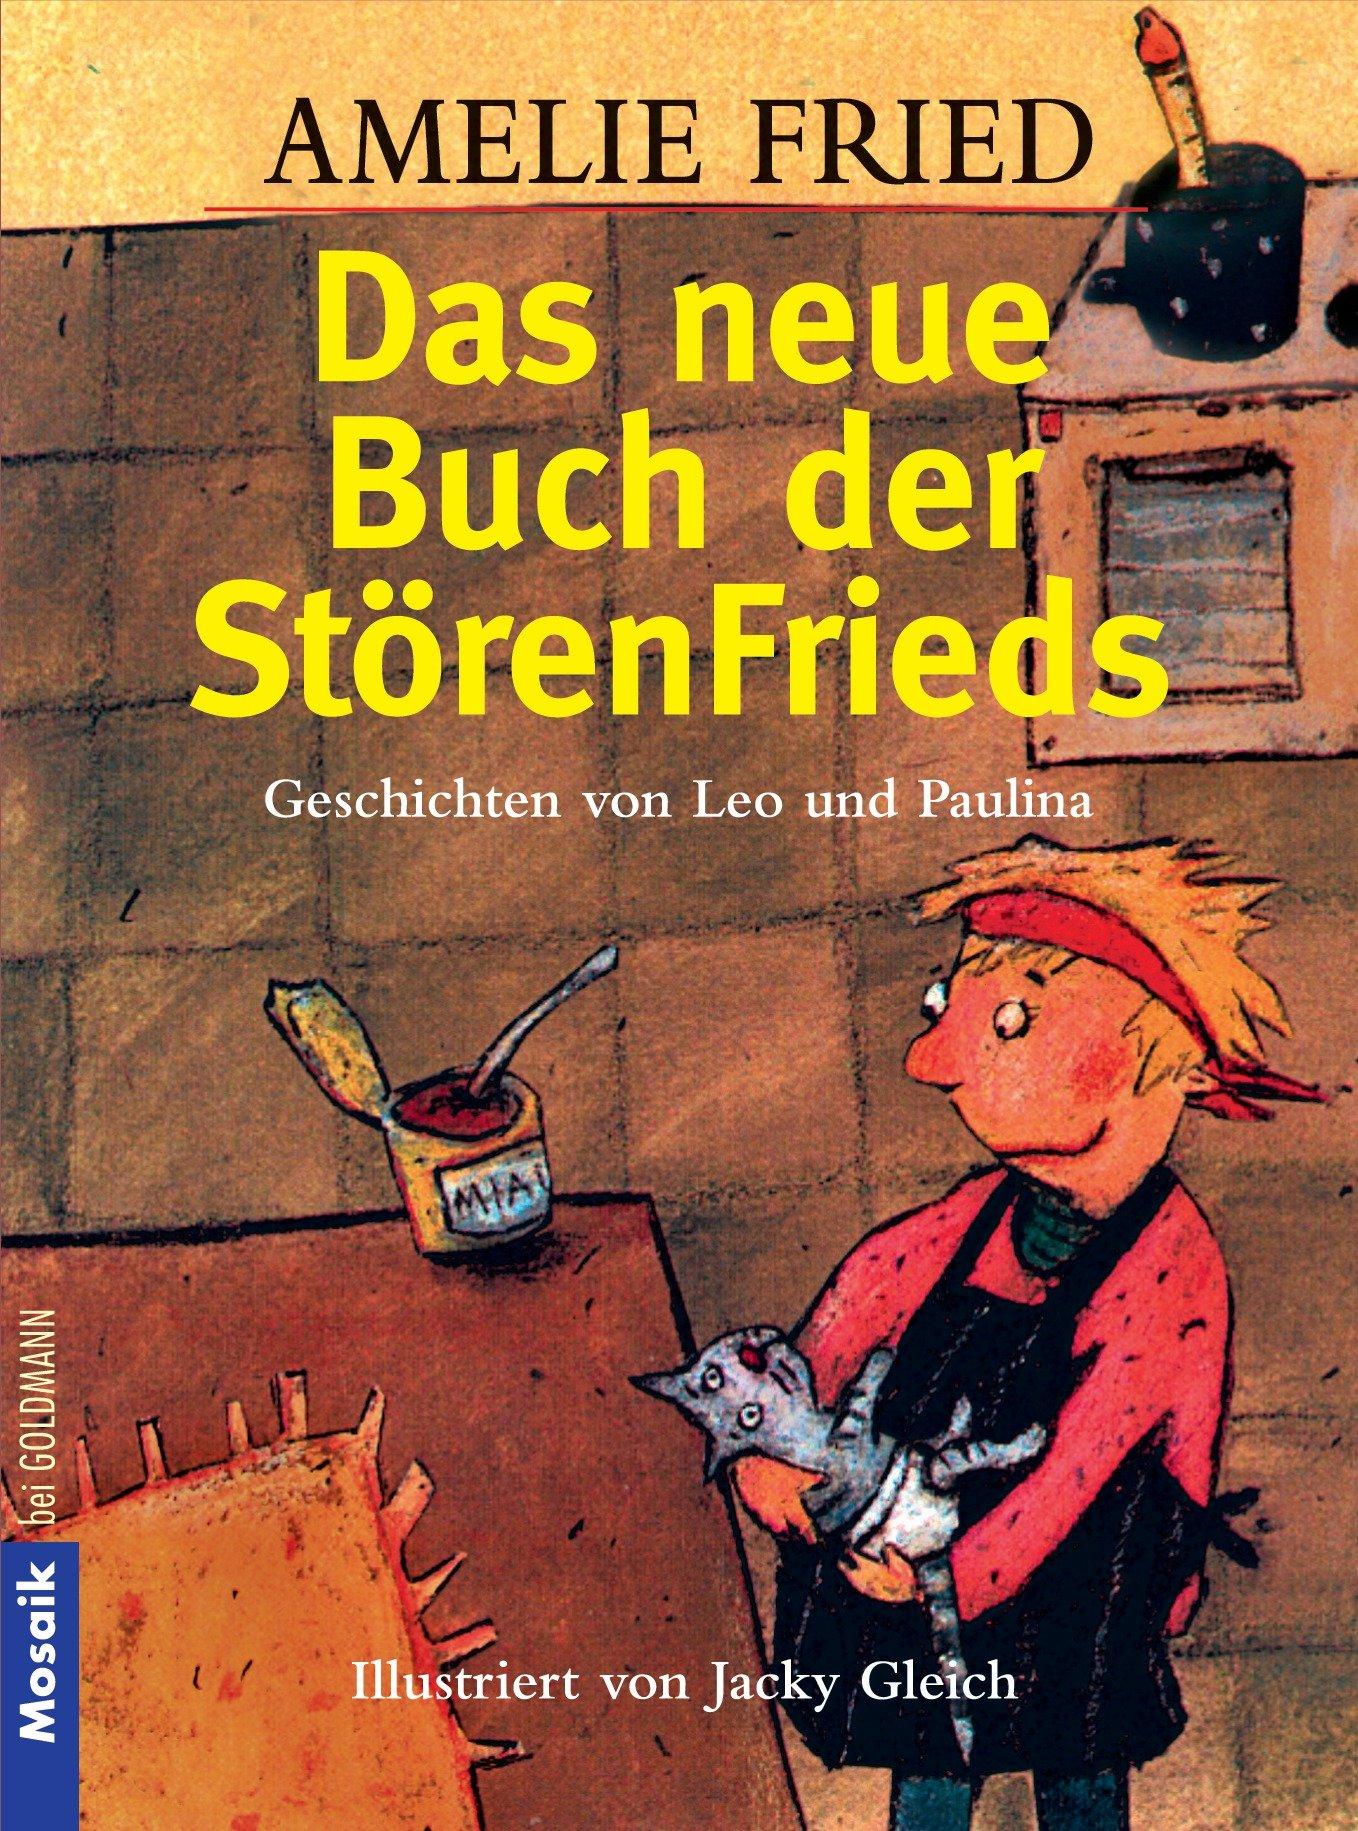 Das neue Buch der StörenFrieds: Geschichten von Leo und Paulina - Illustriert von Jacky Gleich